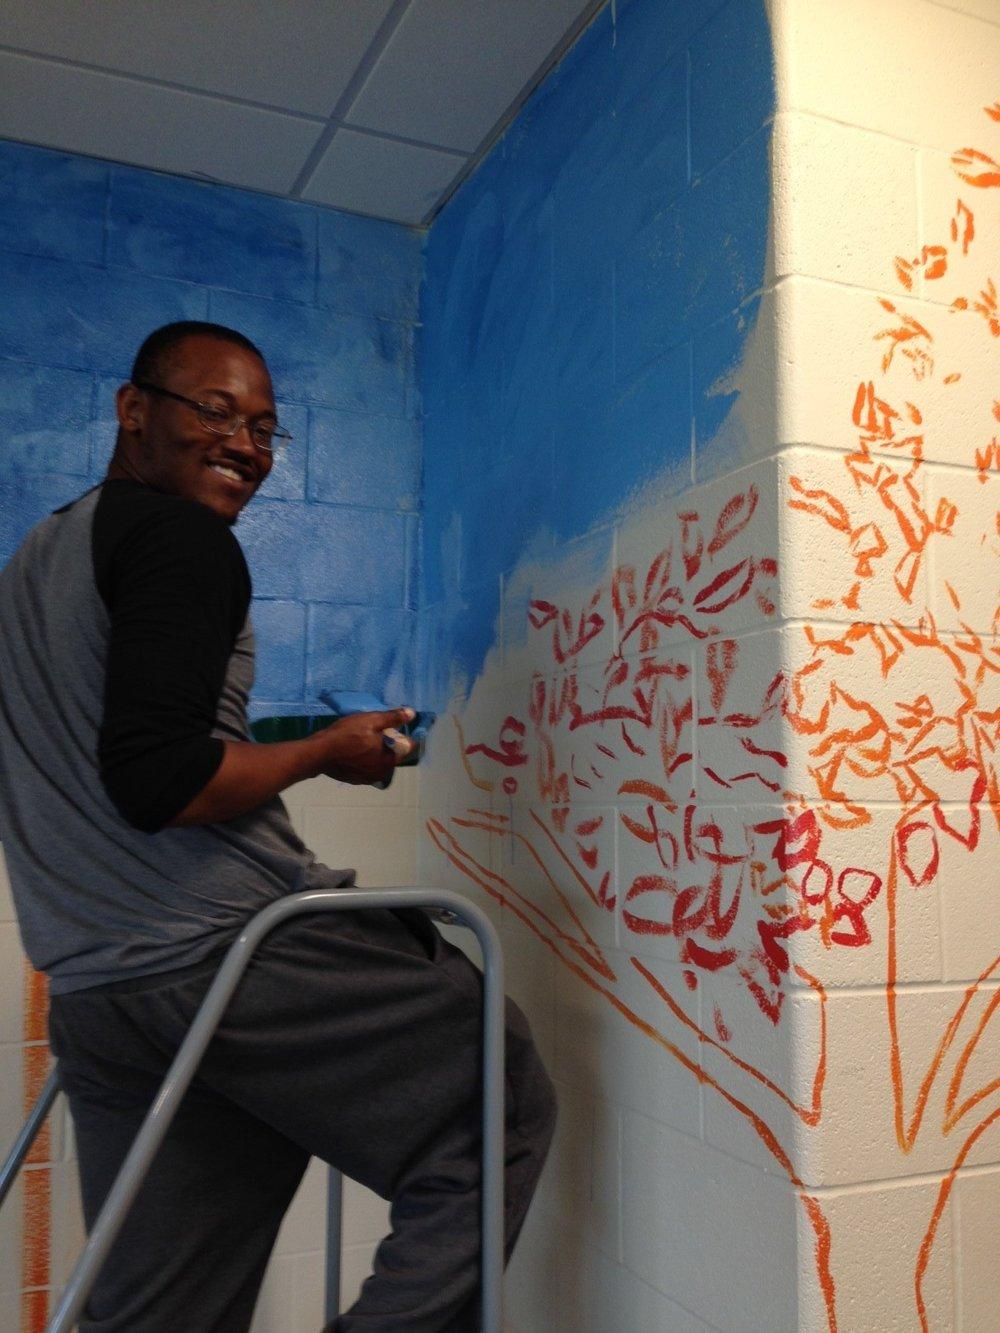 mural painter.jpg